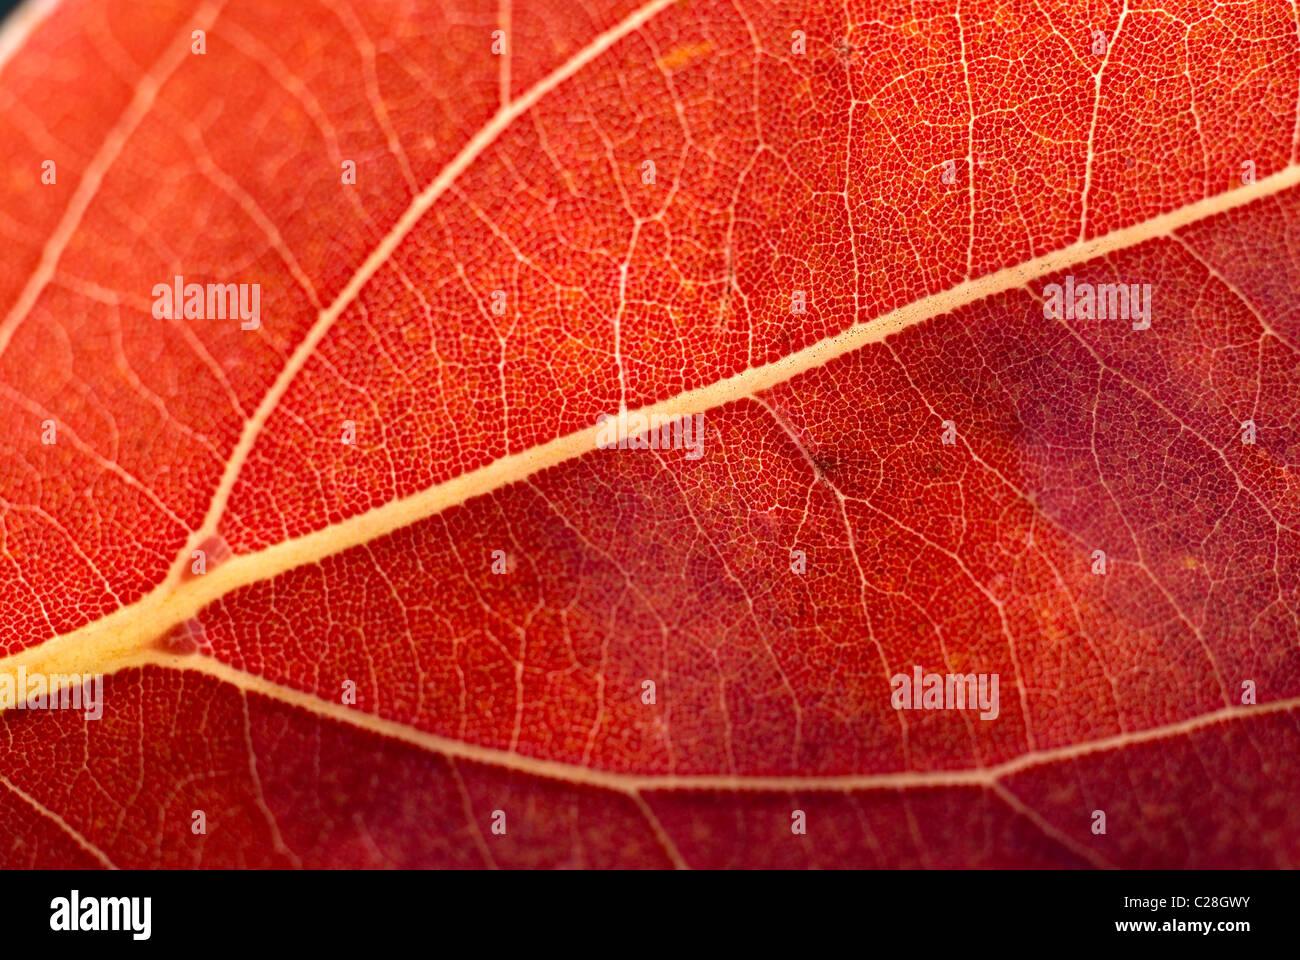 Herbst Blatt, Blattrippen, orange Blatt Stockbild